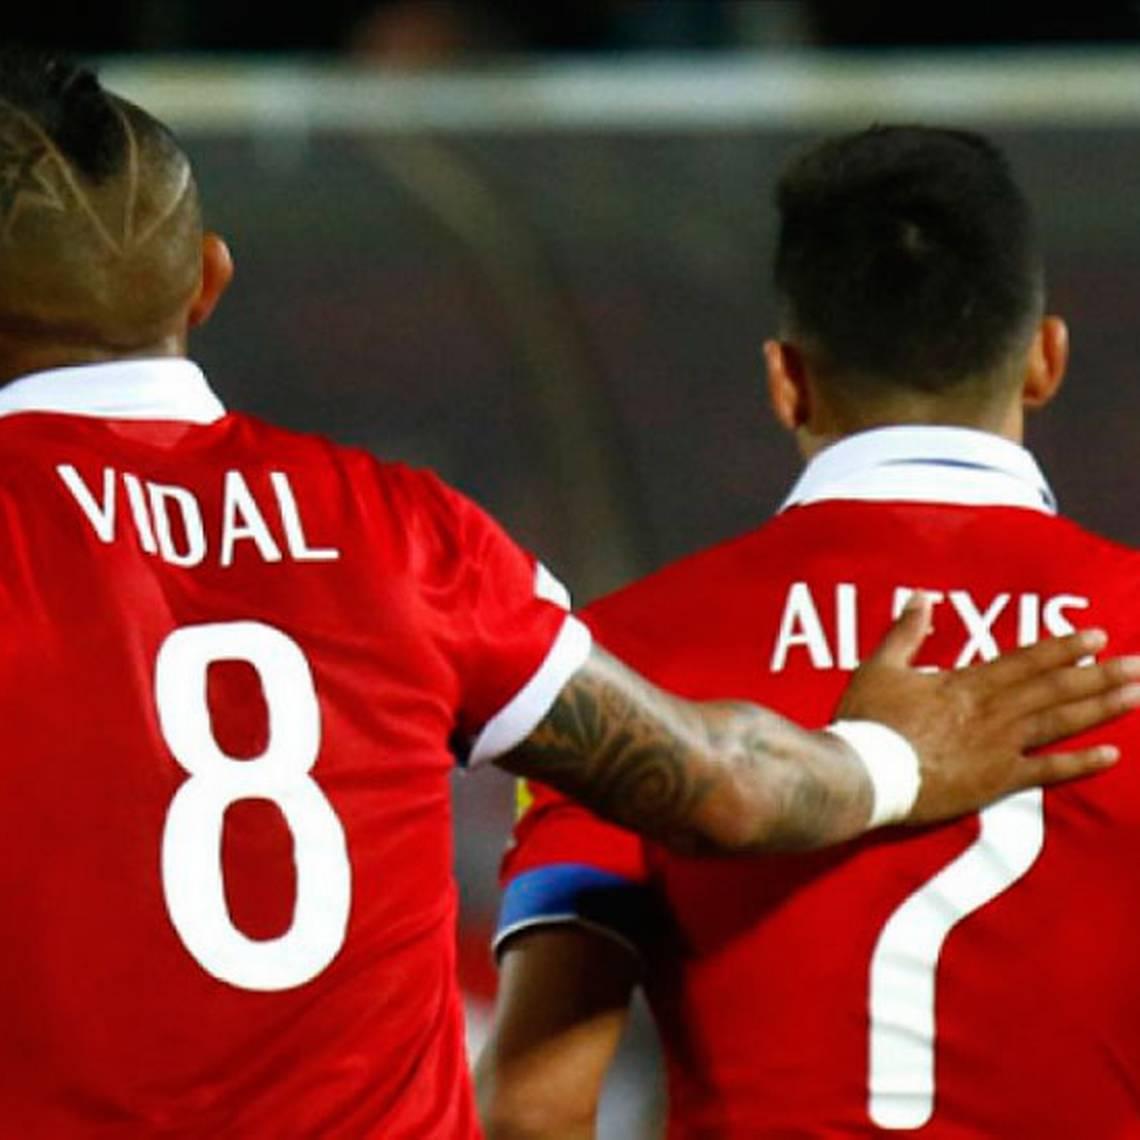 Alexis Sánchez y Arturo Vidal nominados a la oncena ideal de la FIFA